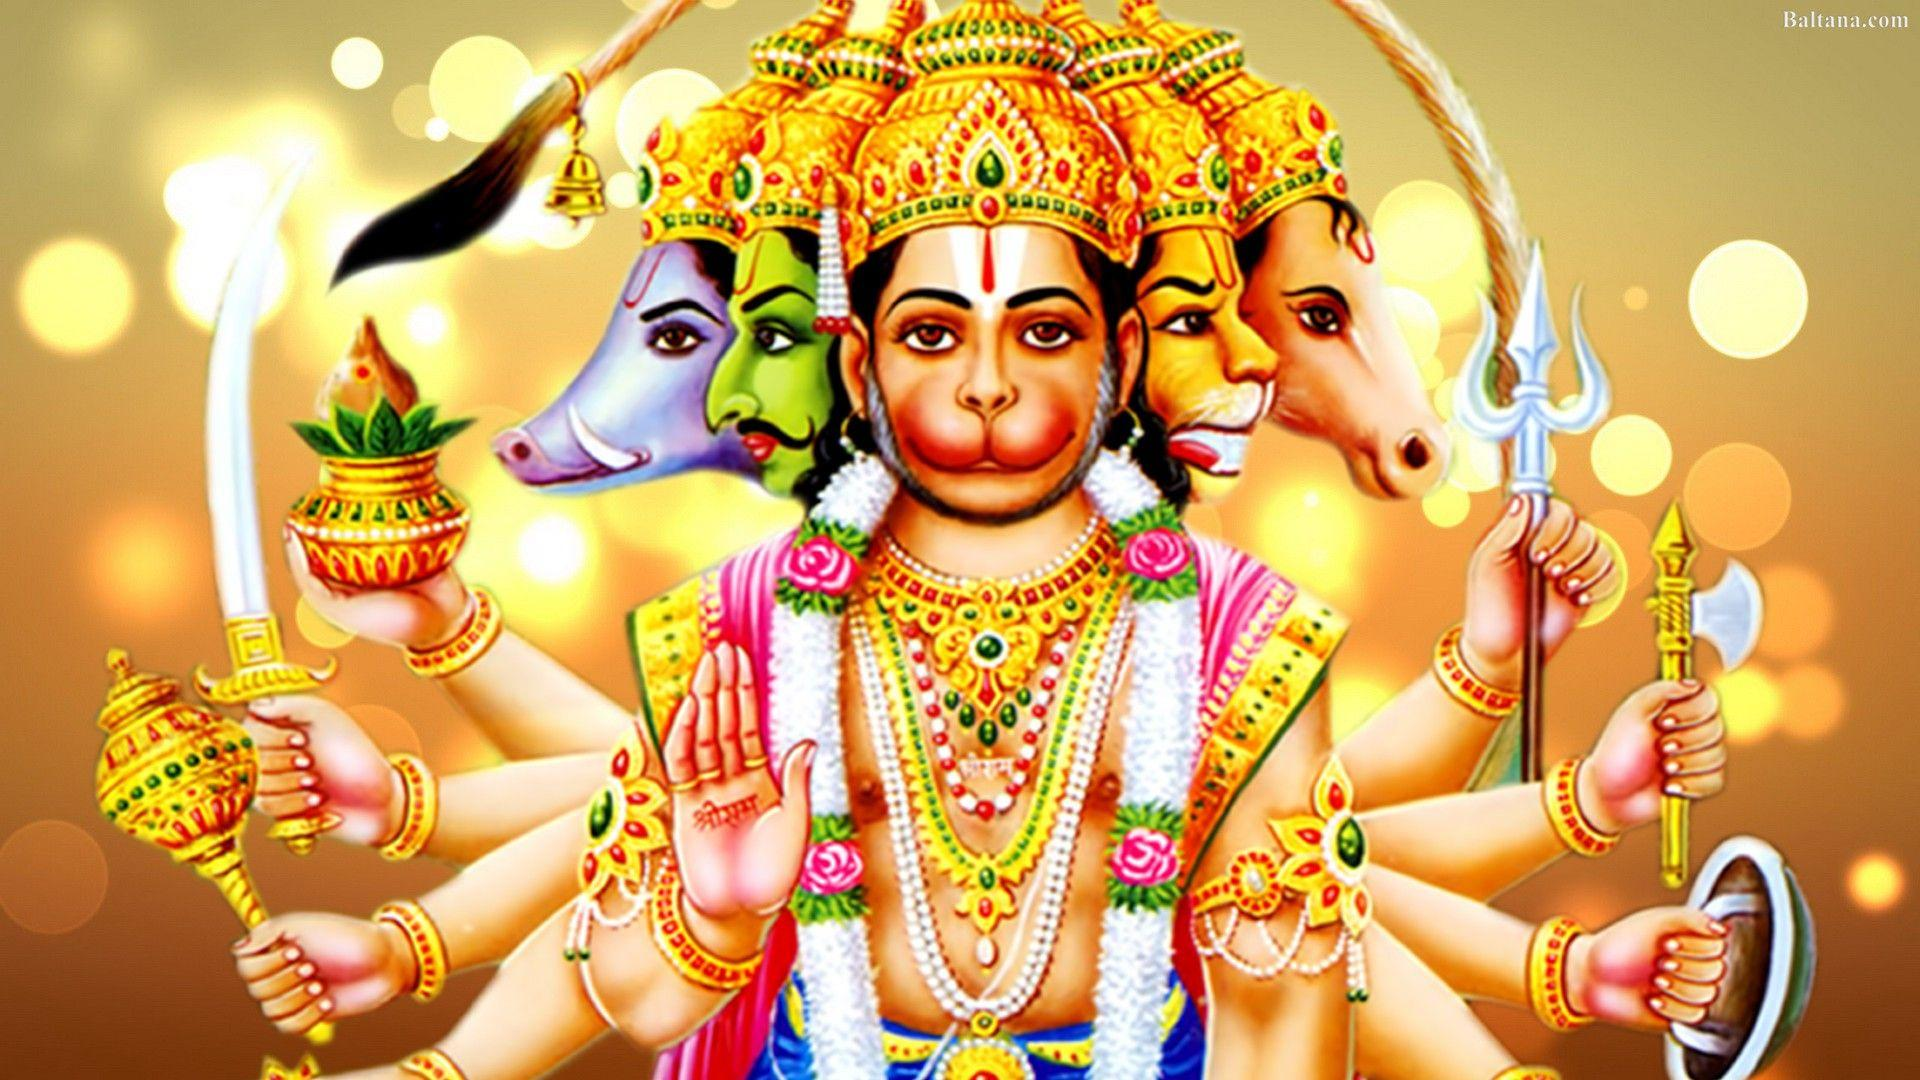 Hanuman Hd Wallpapers Wallpaper Cave